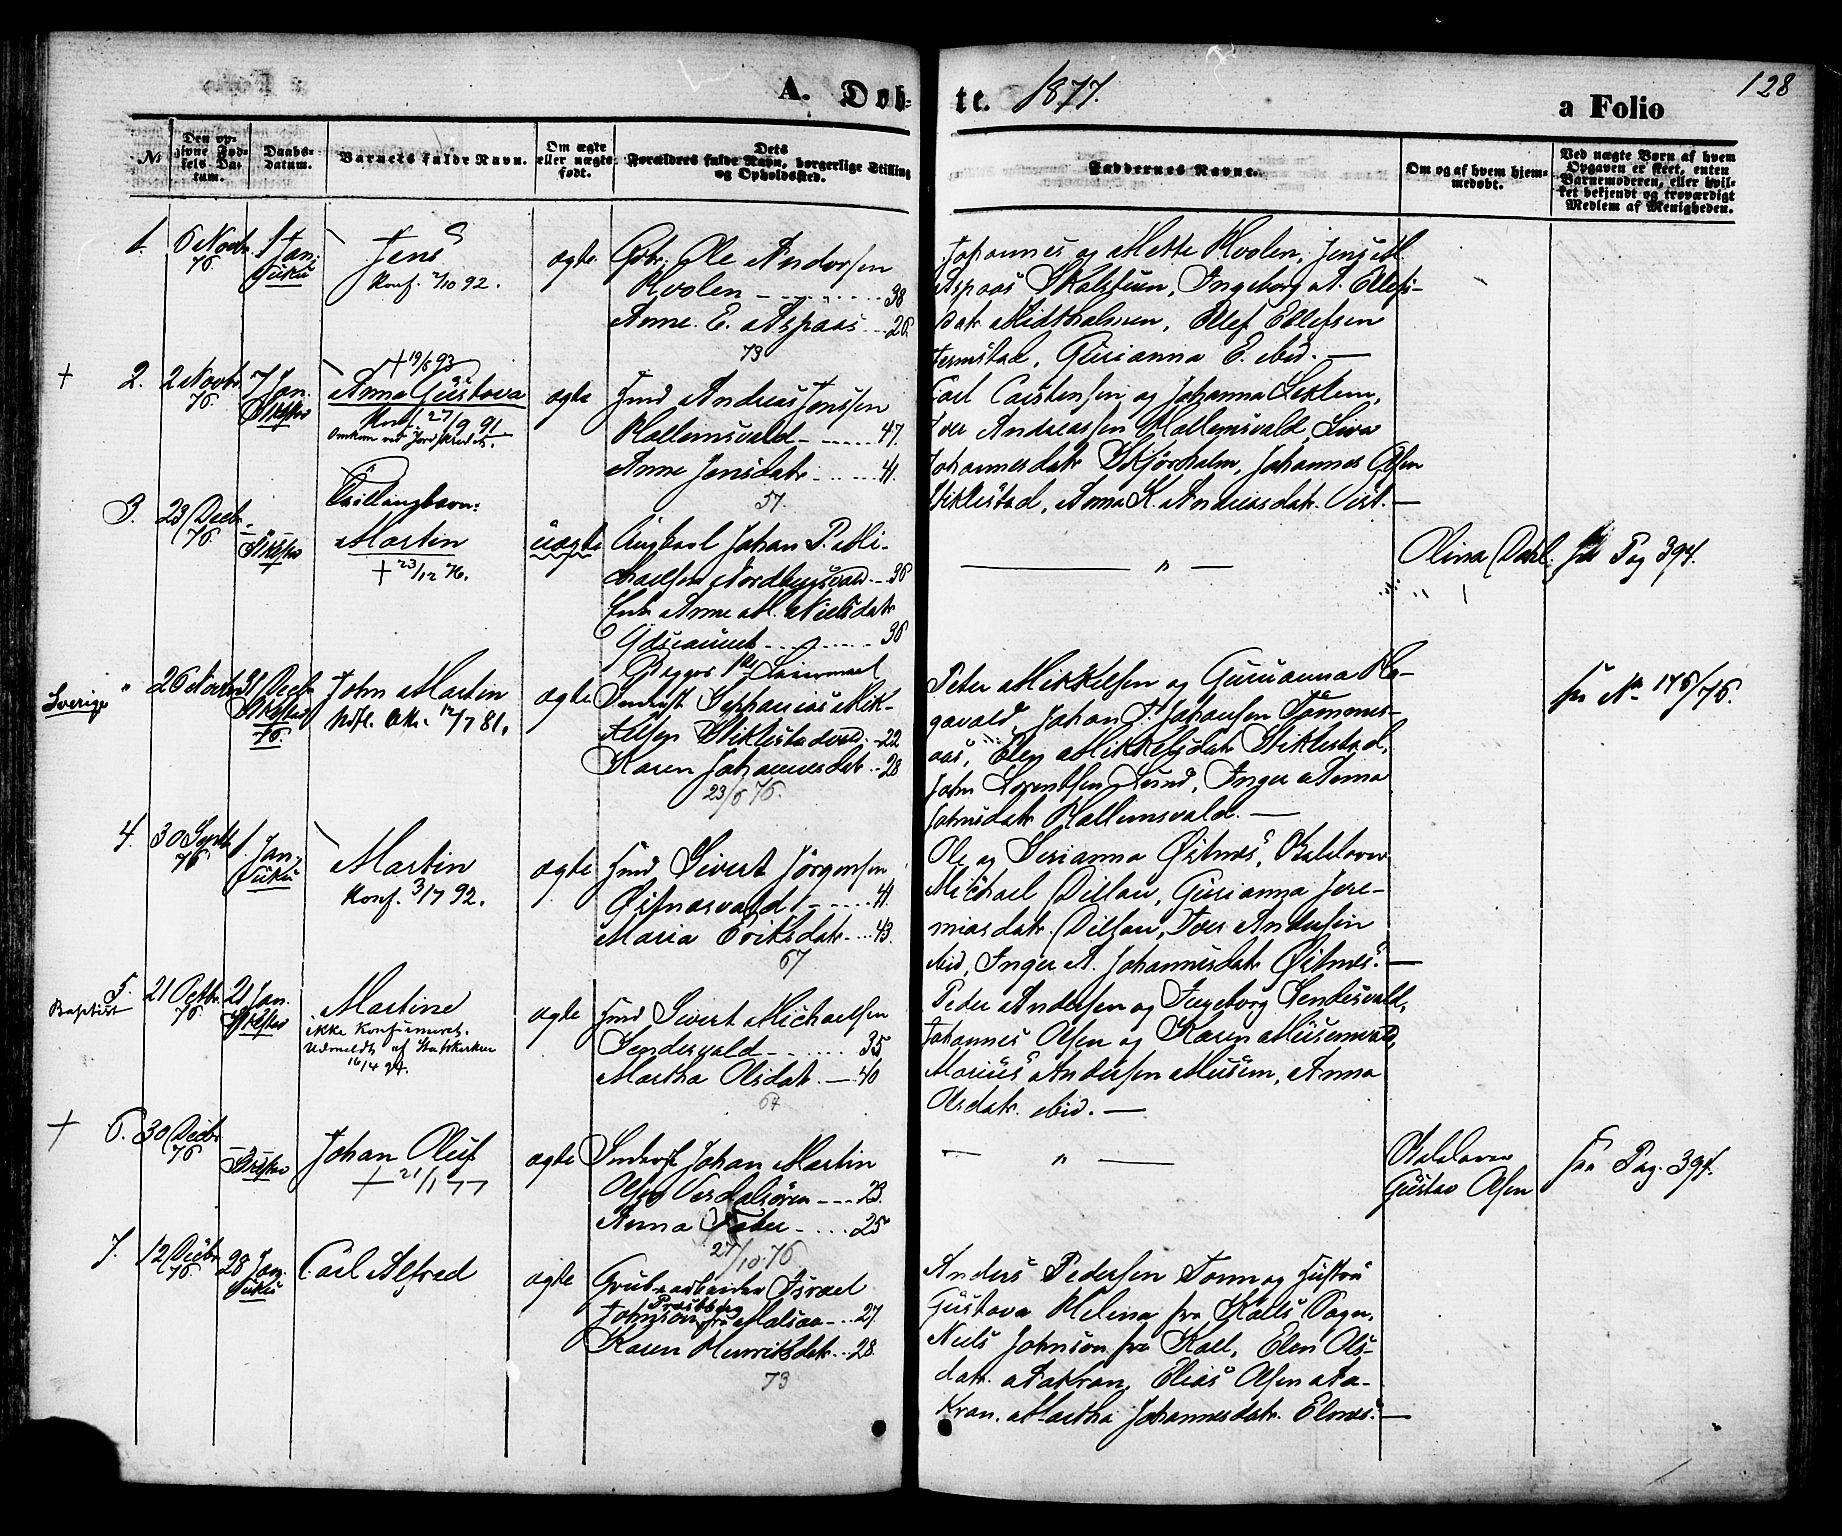 SAT, Ministerialprotokoller, klokkerbøker og fødselsregistre - Nord-Trøndelag, 723/L0242: Ministerialbok nr. 723A11, 1870-1880, s. 128